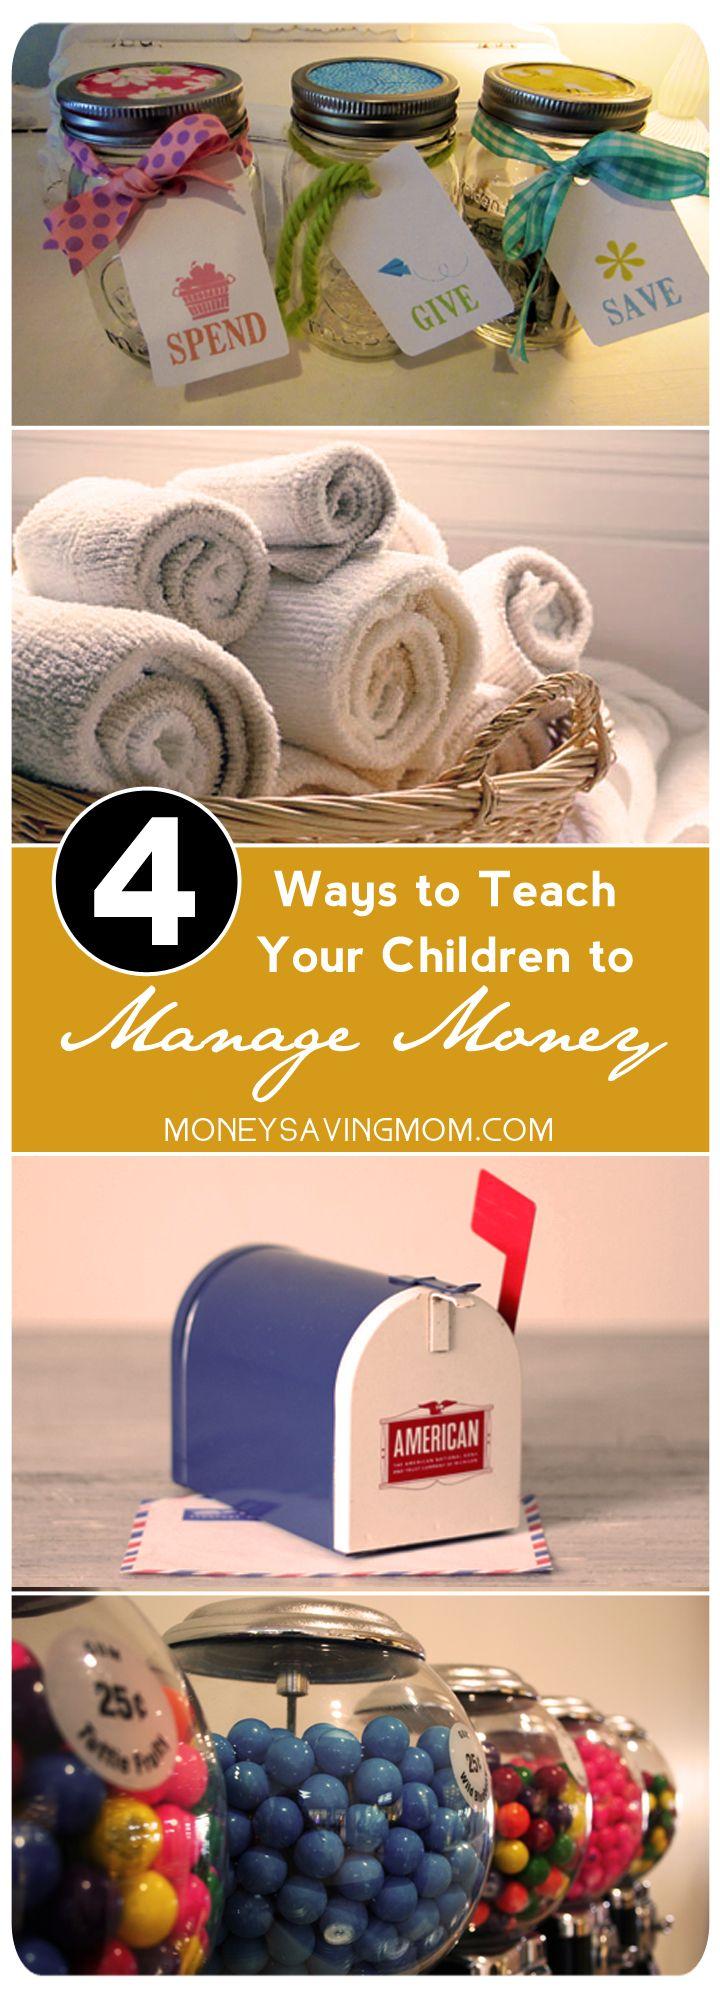 4 Ways to Teach Your Children Money Management - Money Saving Mom®